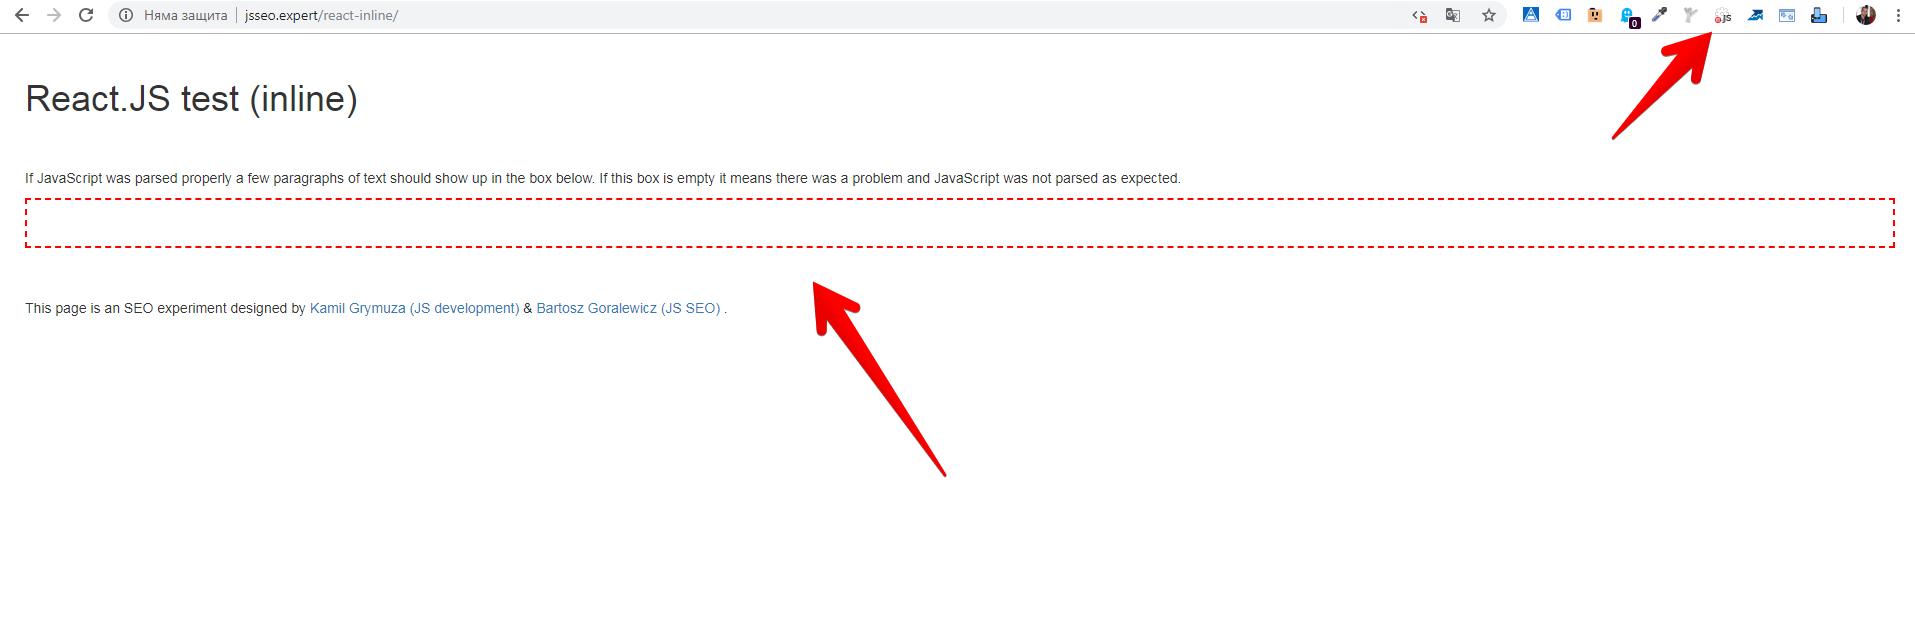 Ако обаче влезем в подстраницата, която е изградена на React.js, ще видим следния резултат